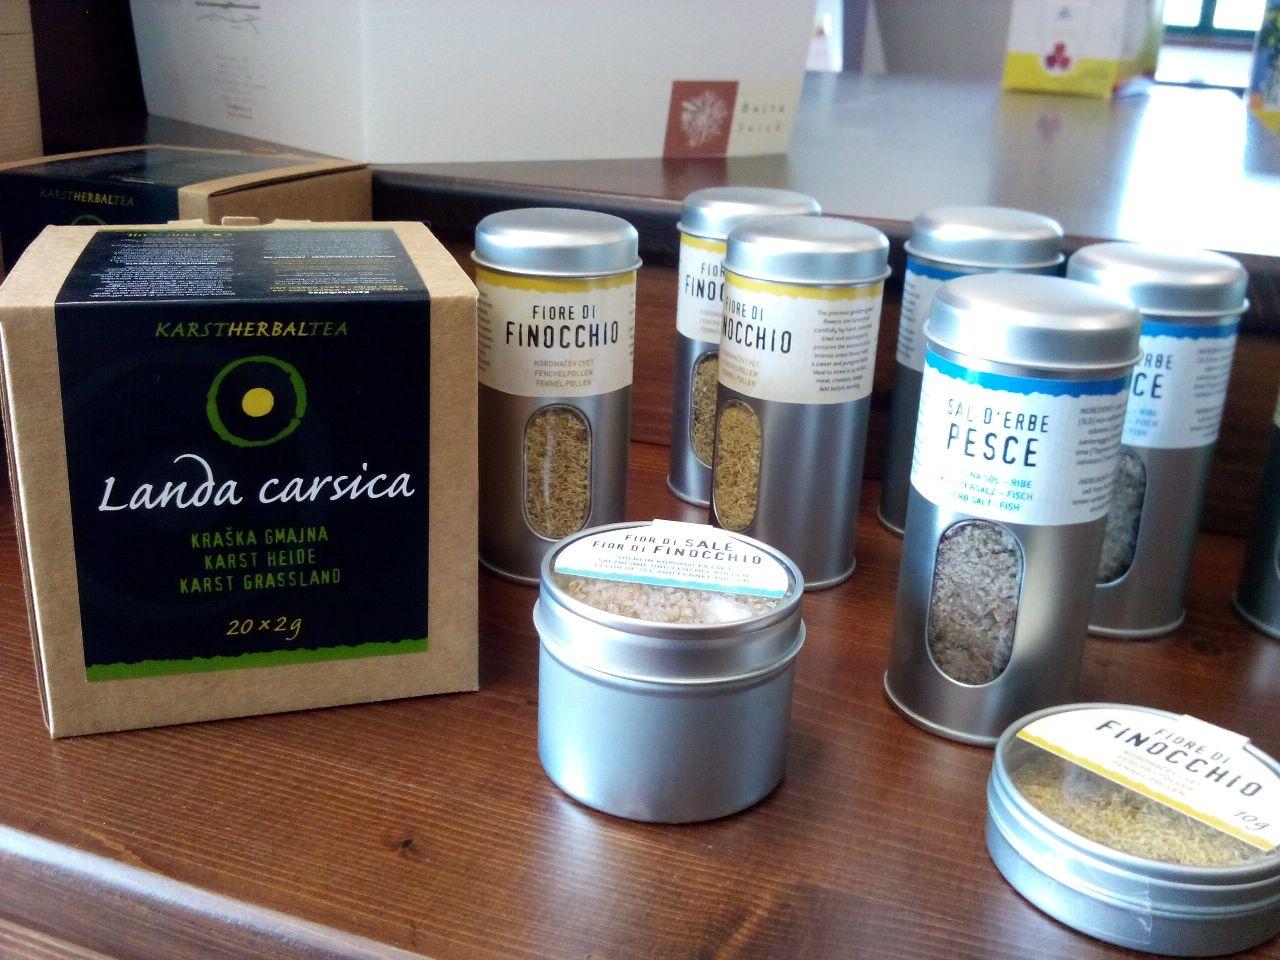 Tè della Landa Carsica